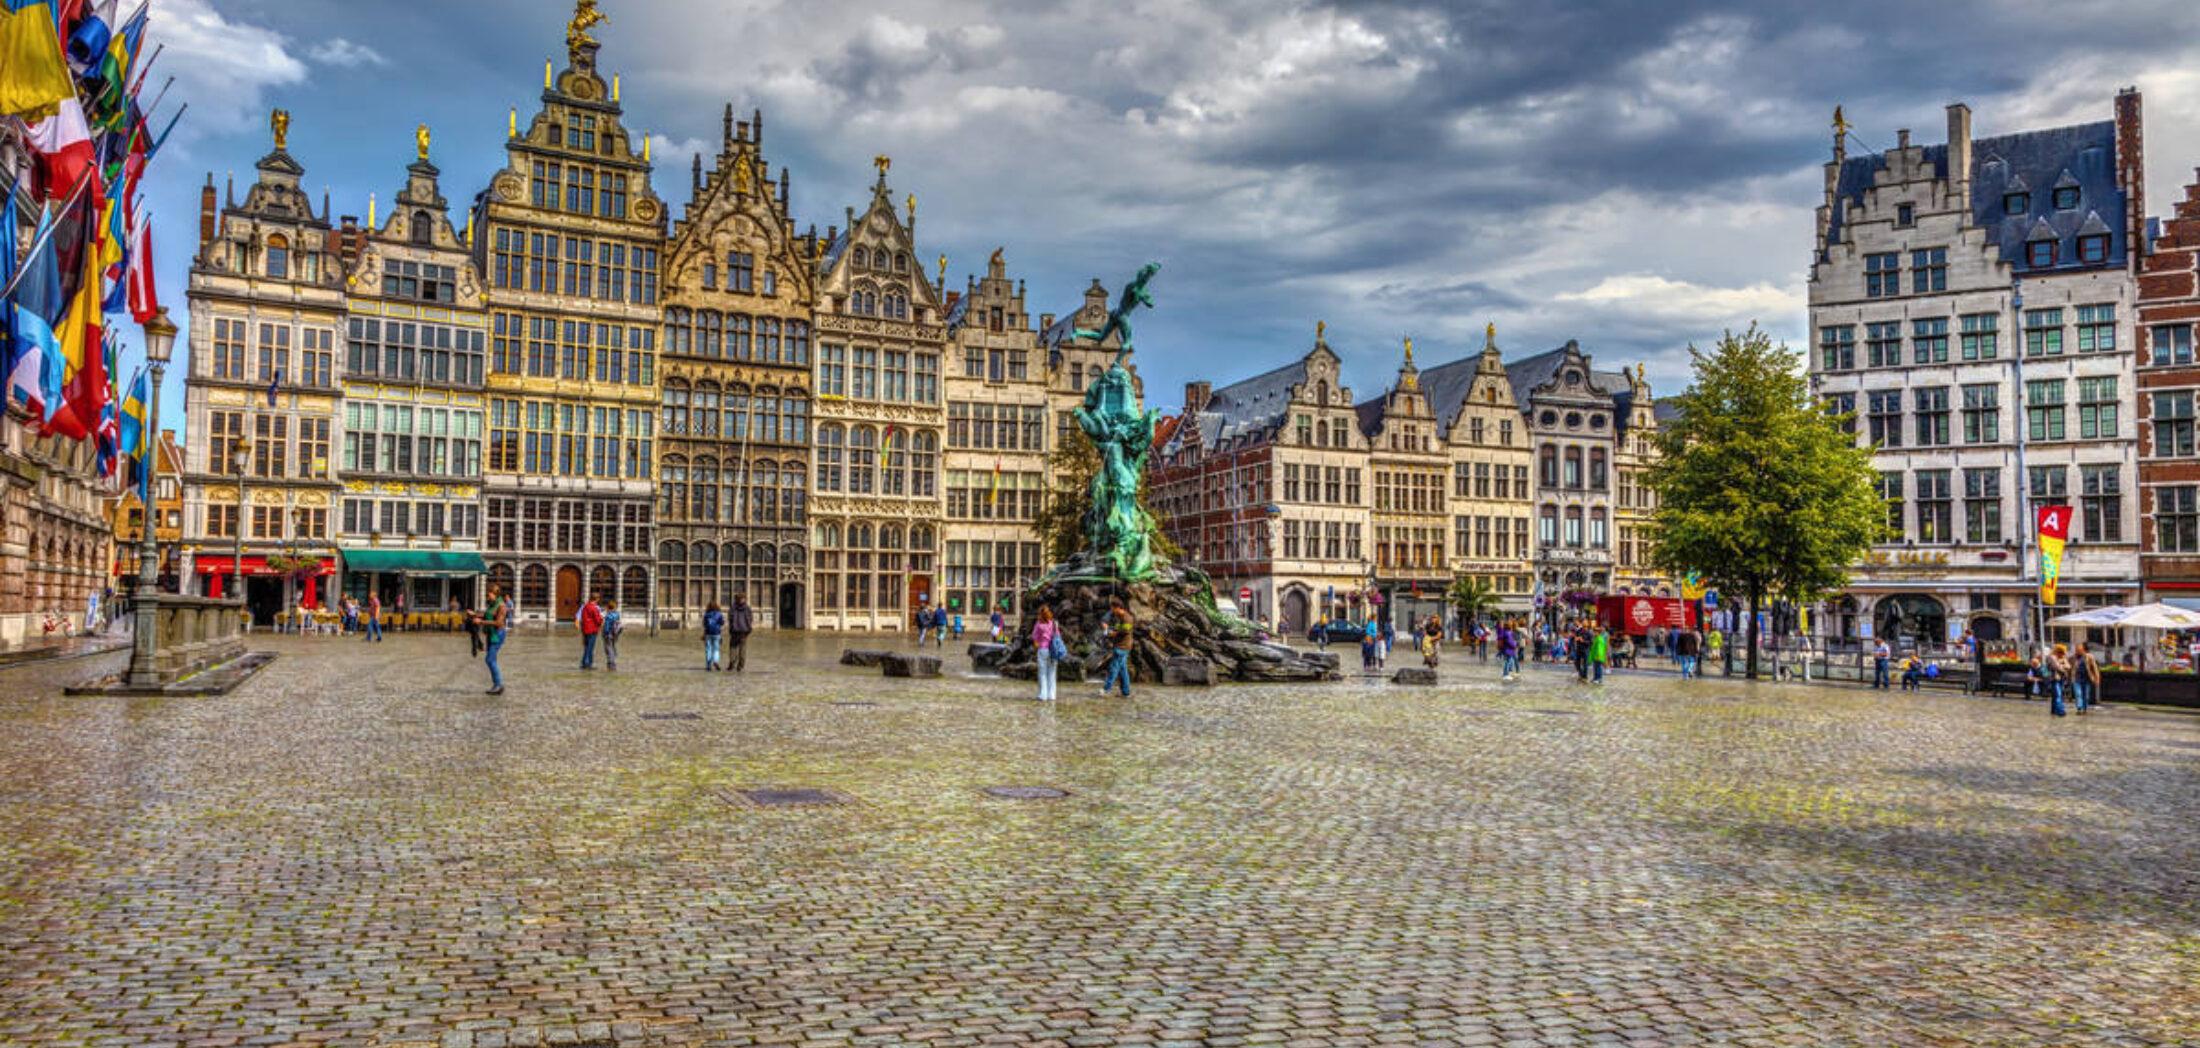 Hero image for Antwerpen bedrijfsuitje 2 dagen: 15/58 personen